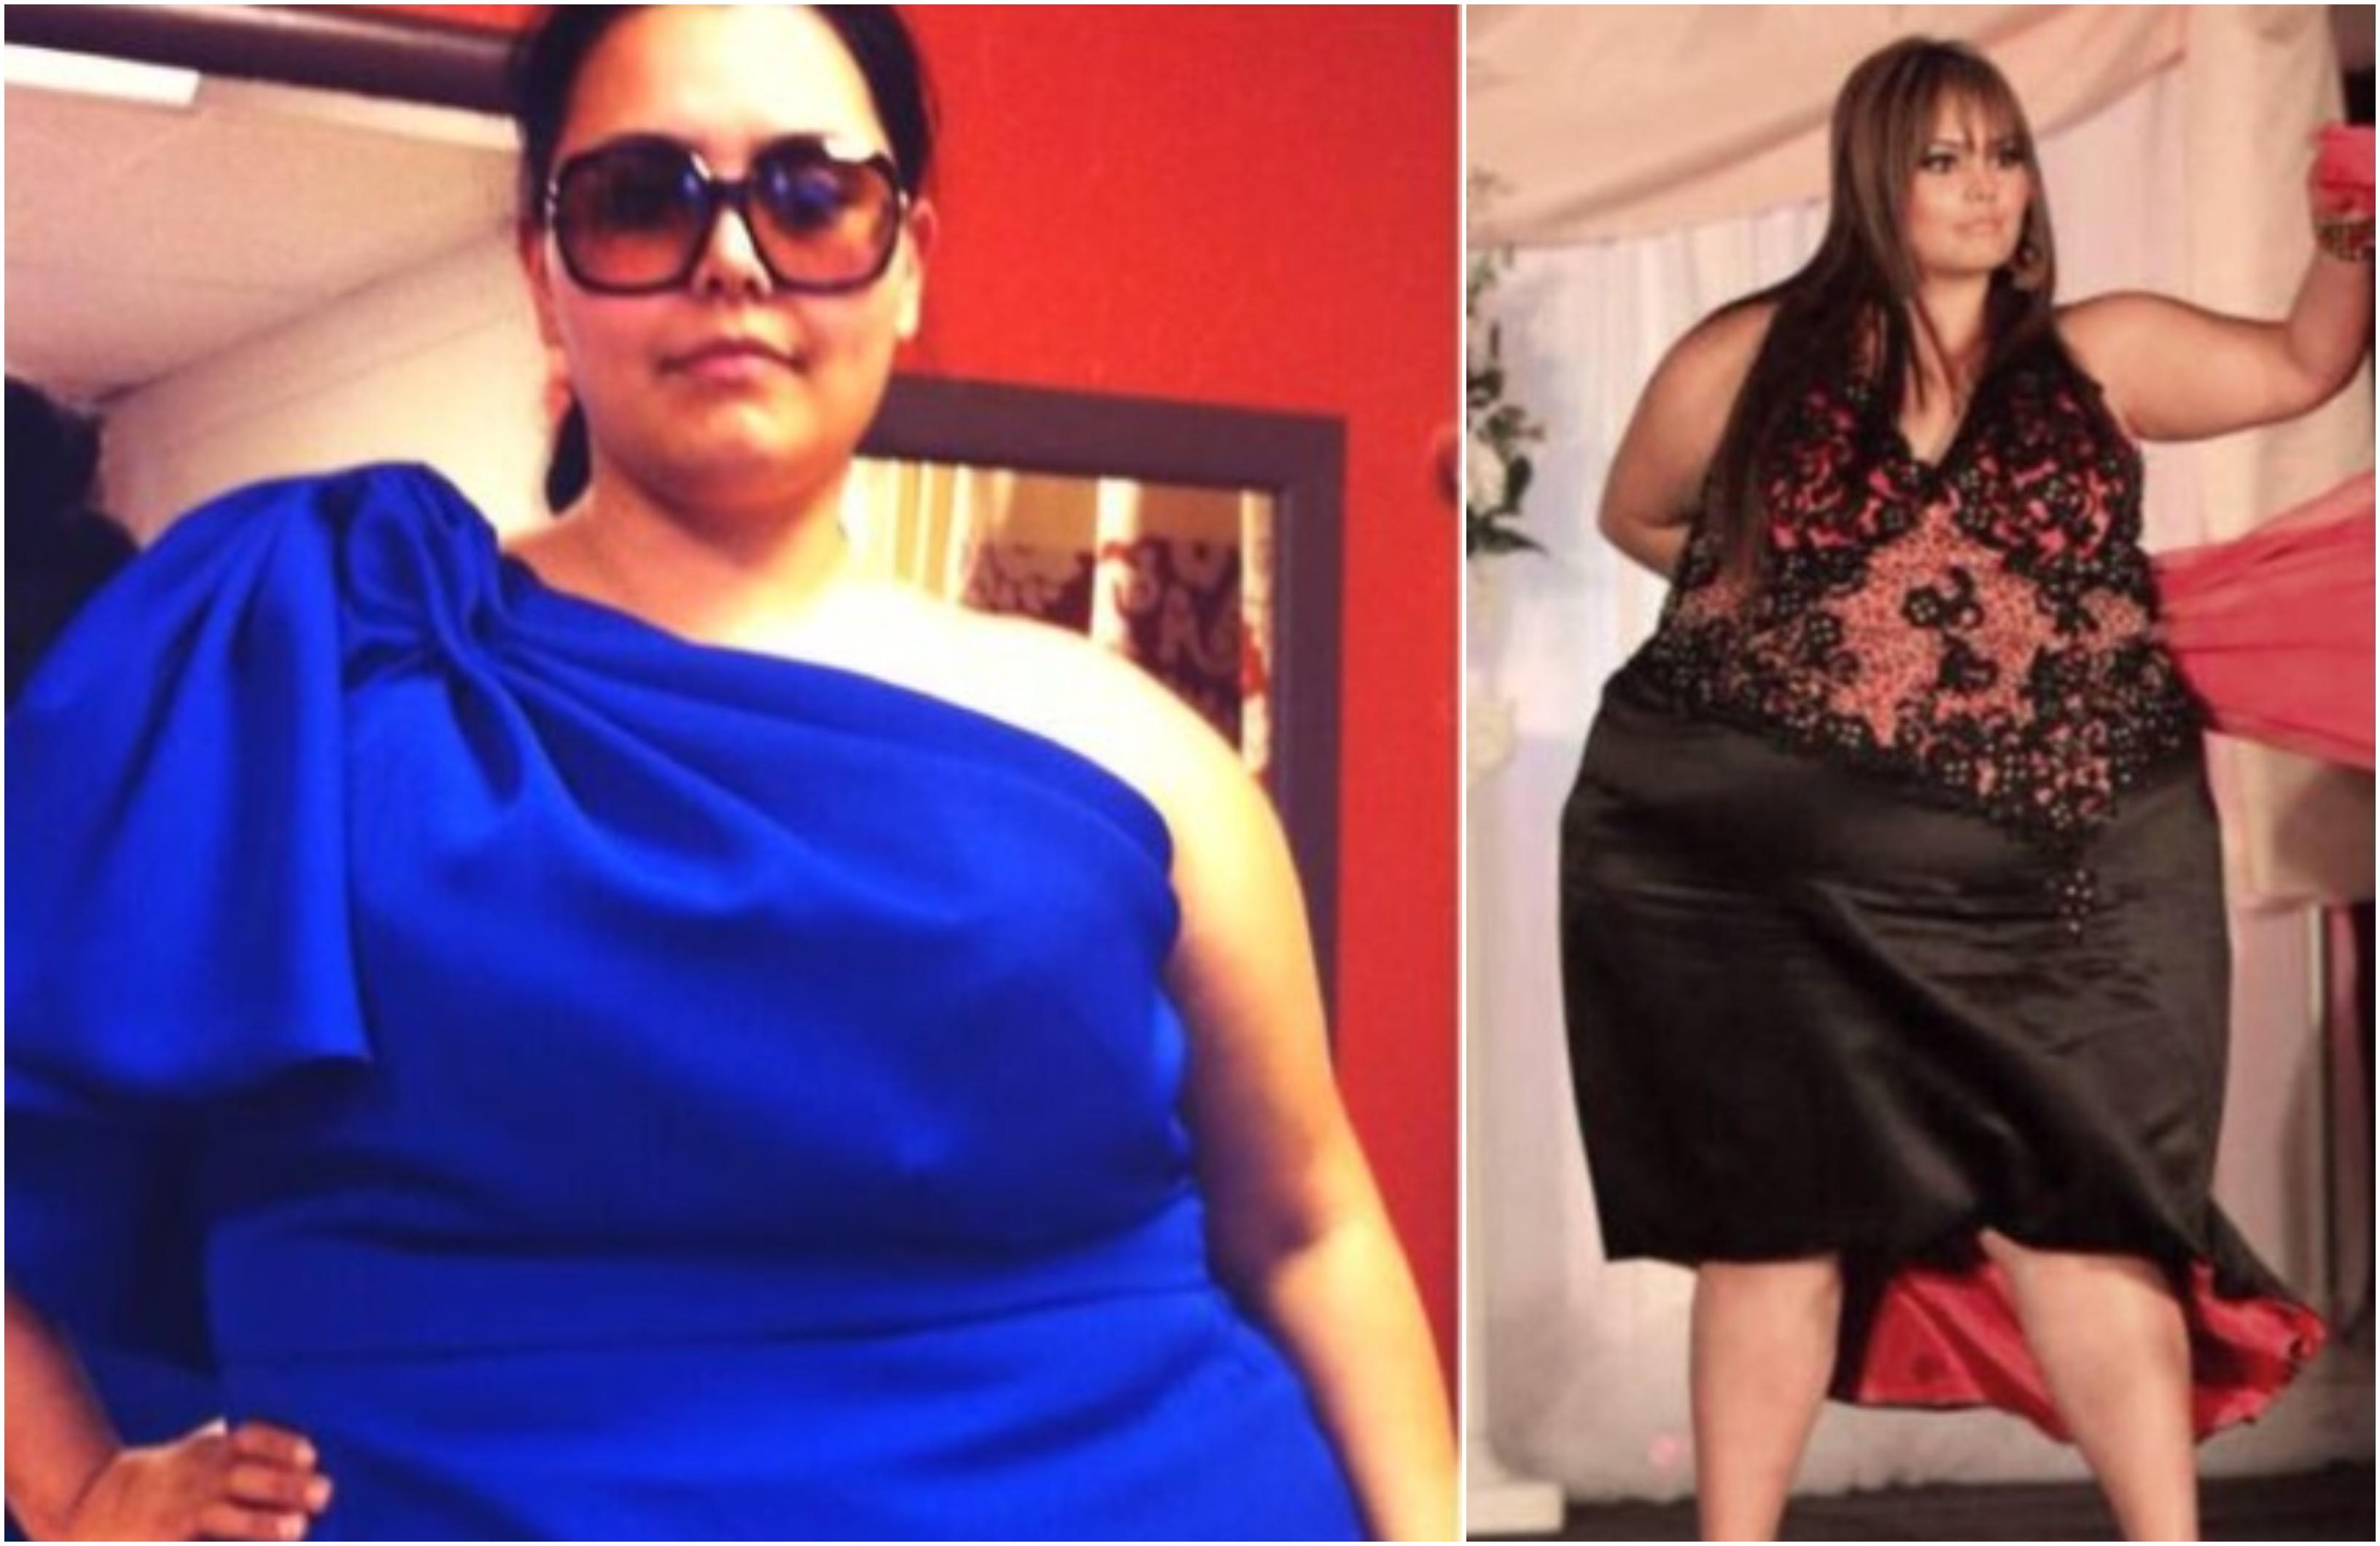 Așa arăta înainte să slăbească, acum e un model renumit în toată lumea. Cum arată Rosie Mercado după ce a pierdut 100 de kg